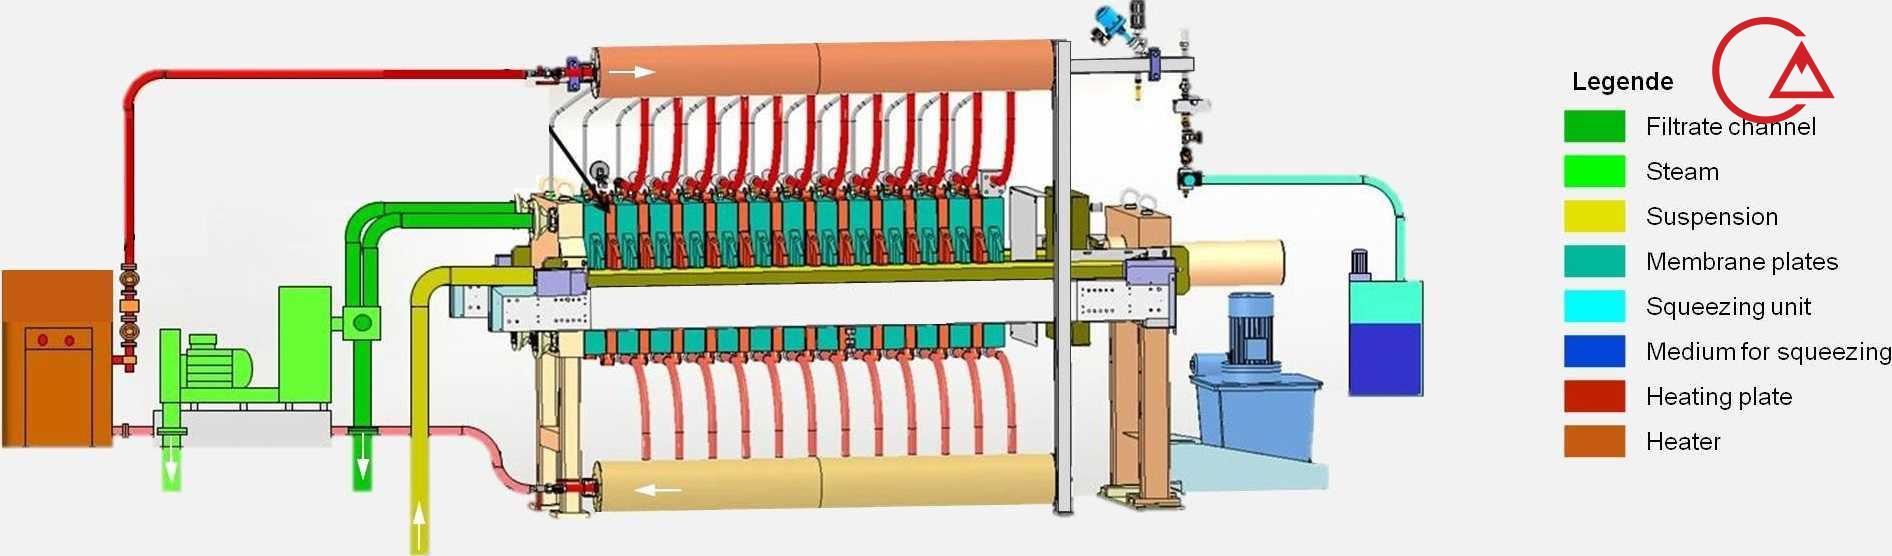 فیلتر پرس جداسازی مایع از جامد